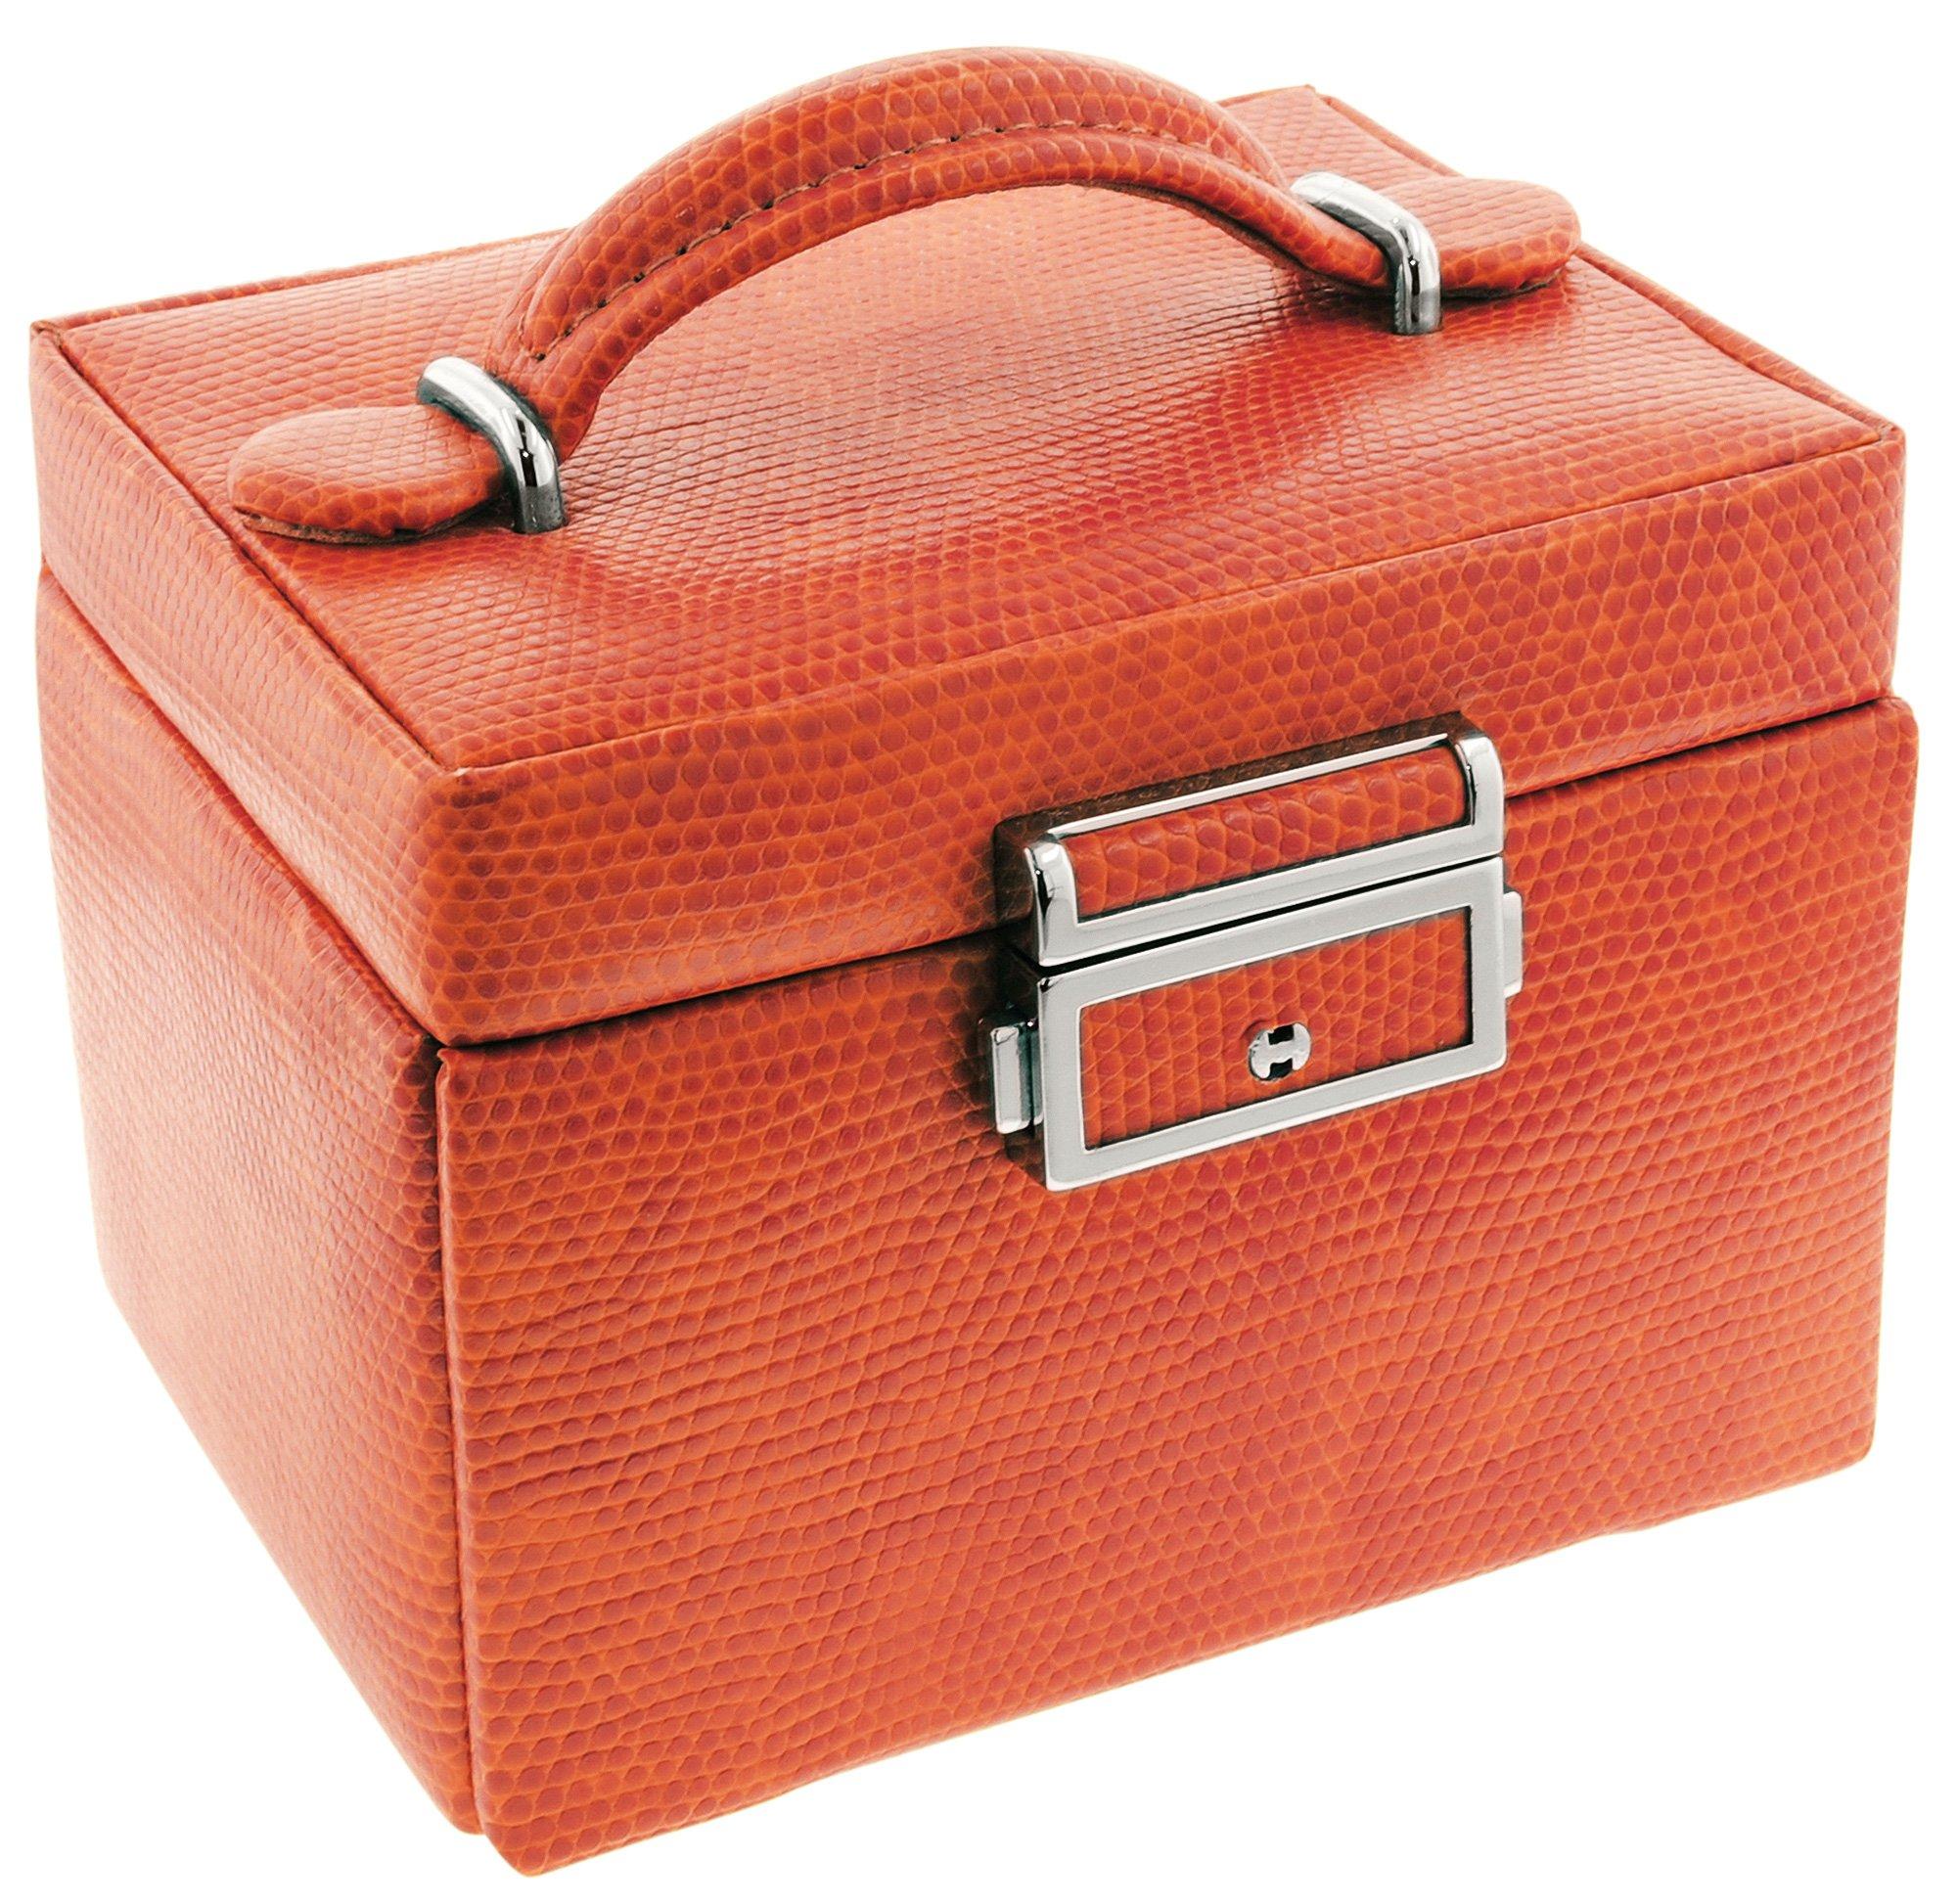 trendor 8050 58 schmuckk stchen orange uhrcenter. Black Bedroom Furniture Sets. Home Design Ideas